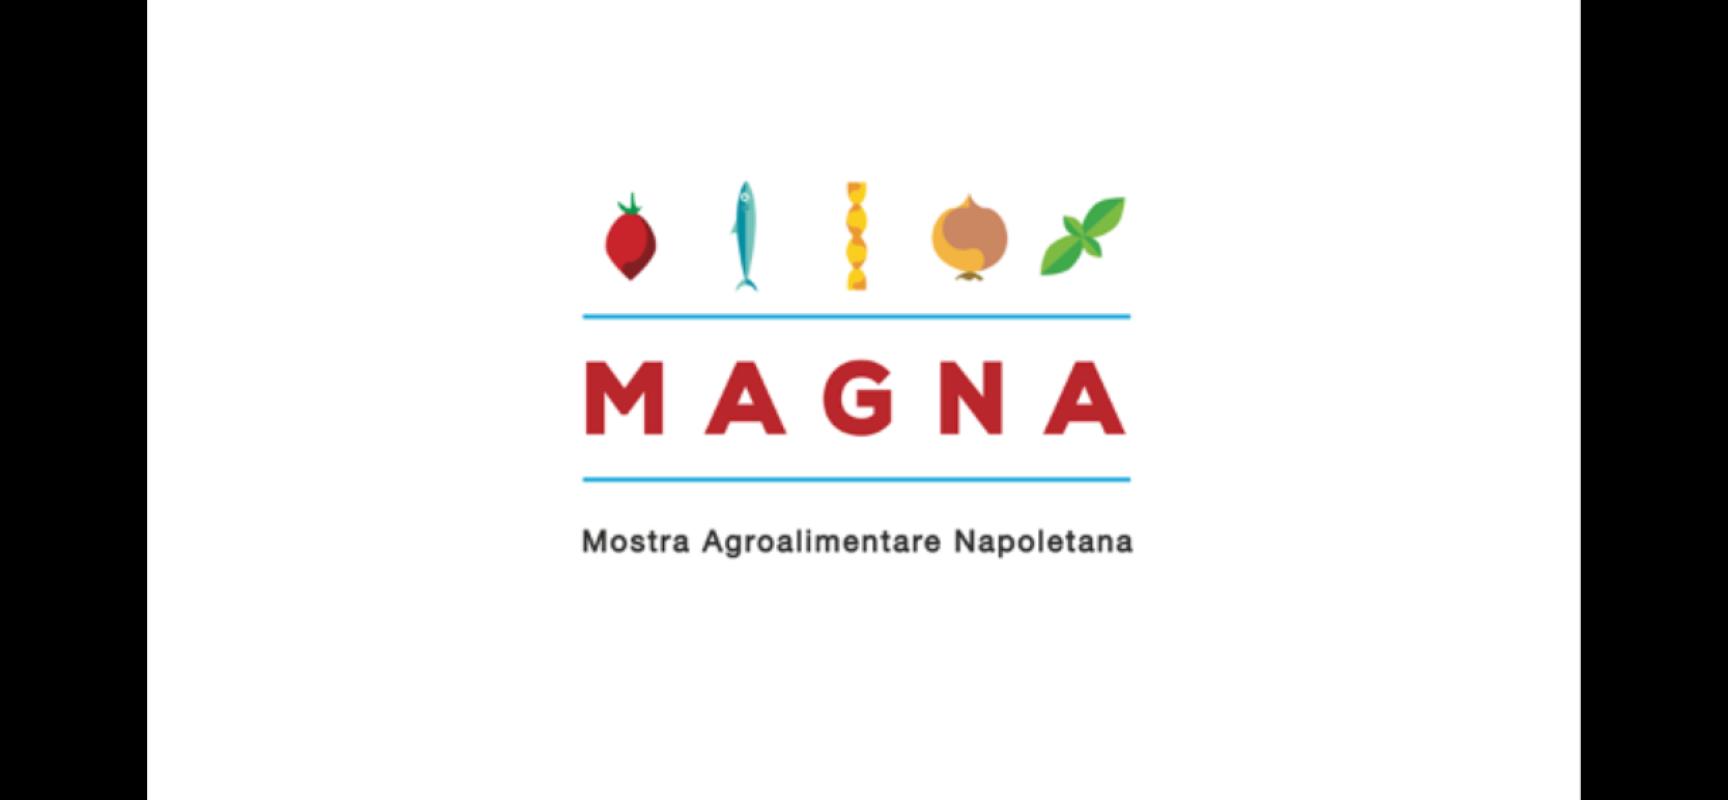 A Napoli, la piu\' antica cucina del mondo | Napoli Post | Notizie ...